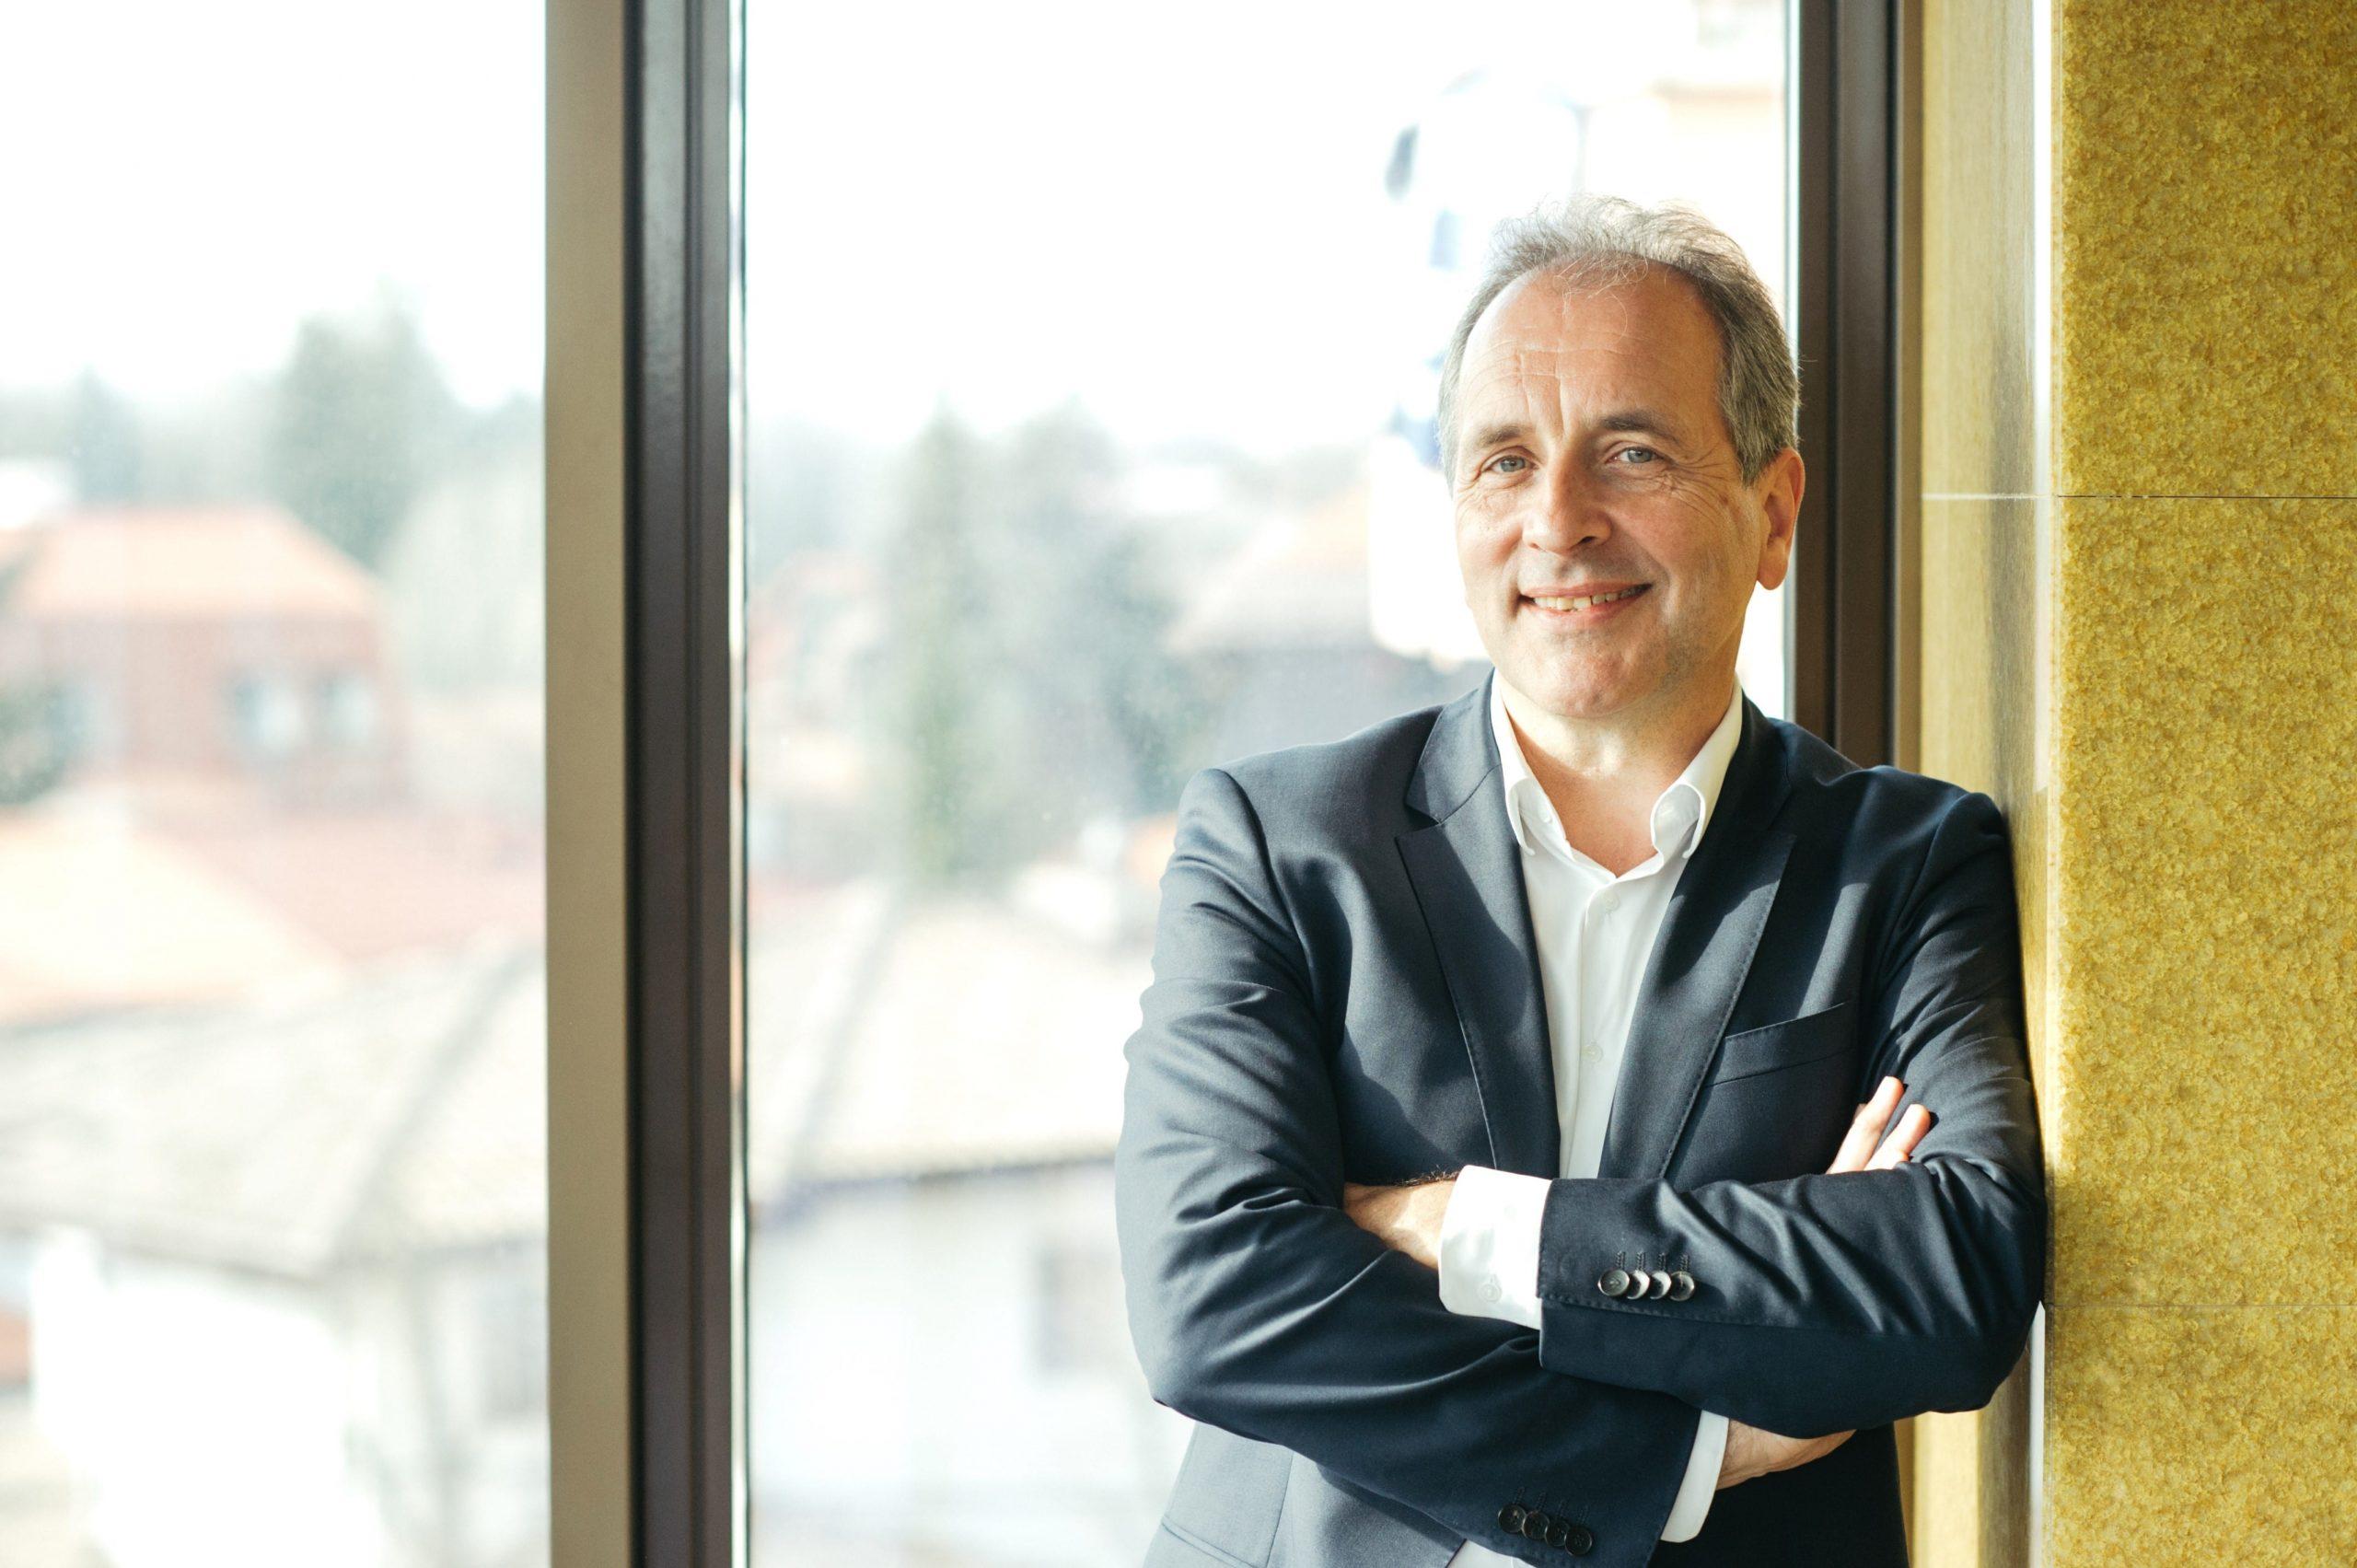 Johan Gabriels, Managing Director Ebury România și Bulgaria, preia conducerea filialelor Ebury din Europa de Est